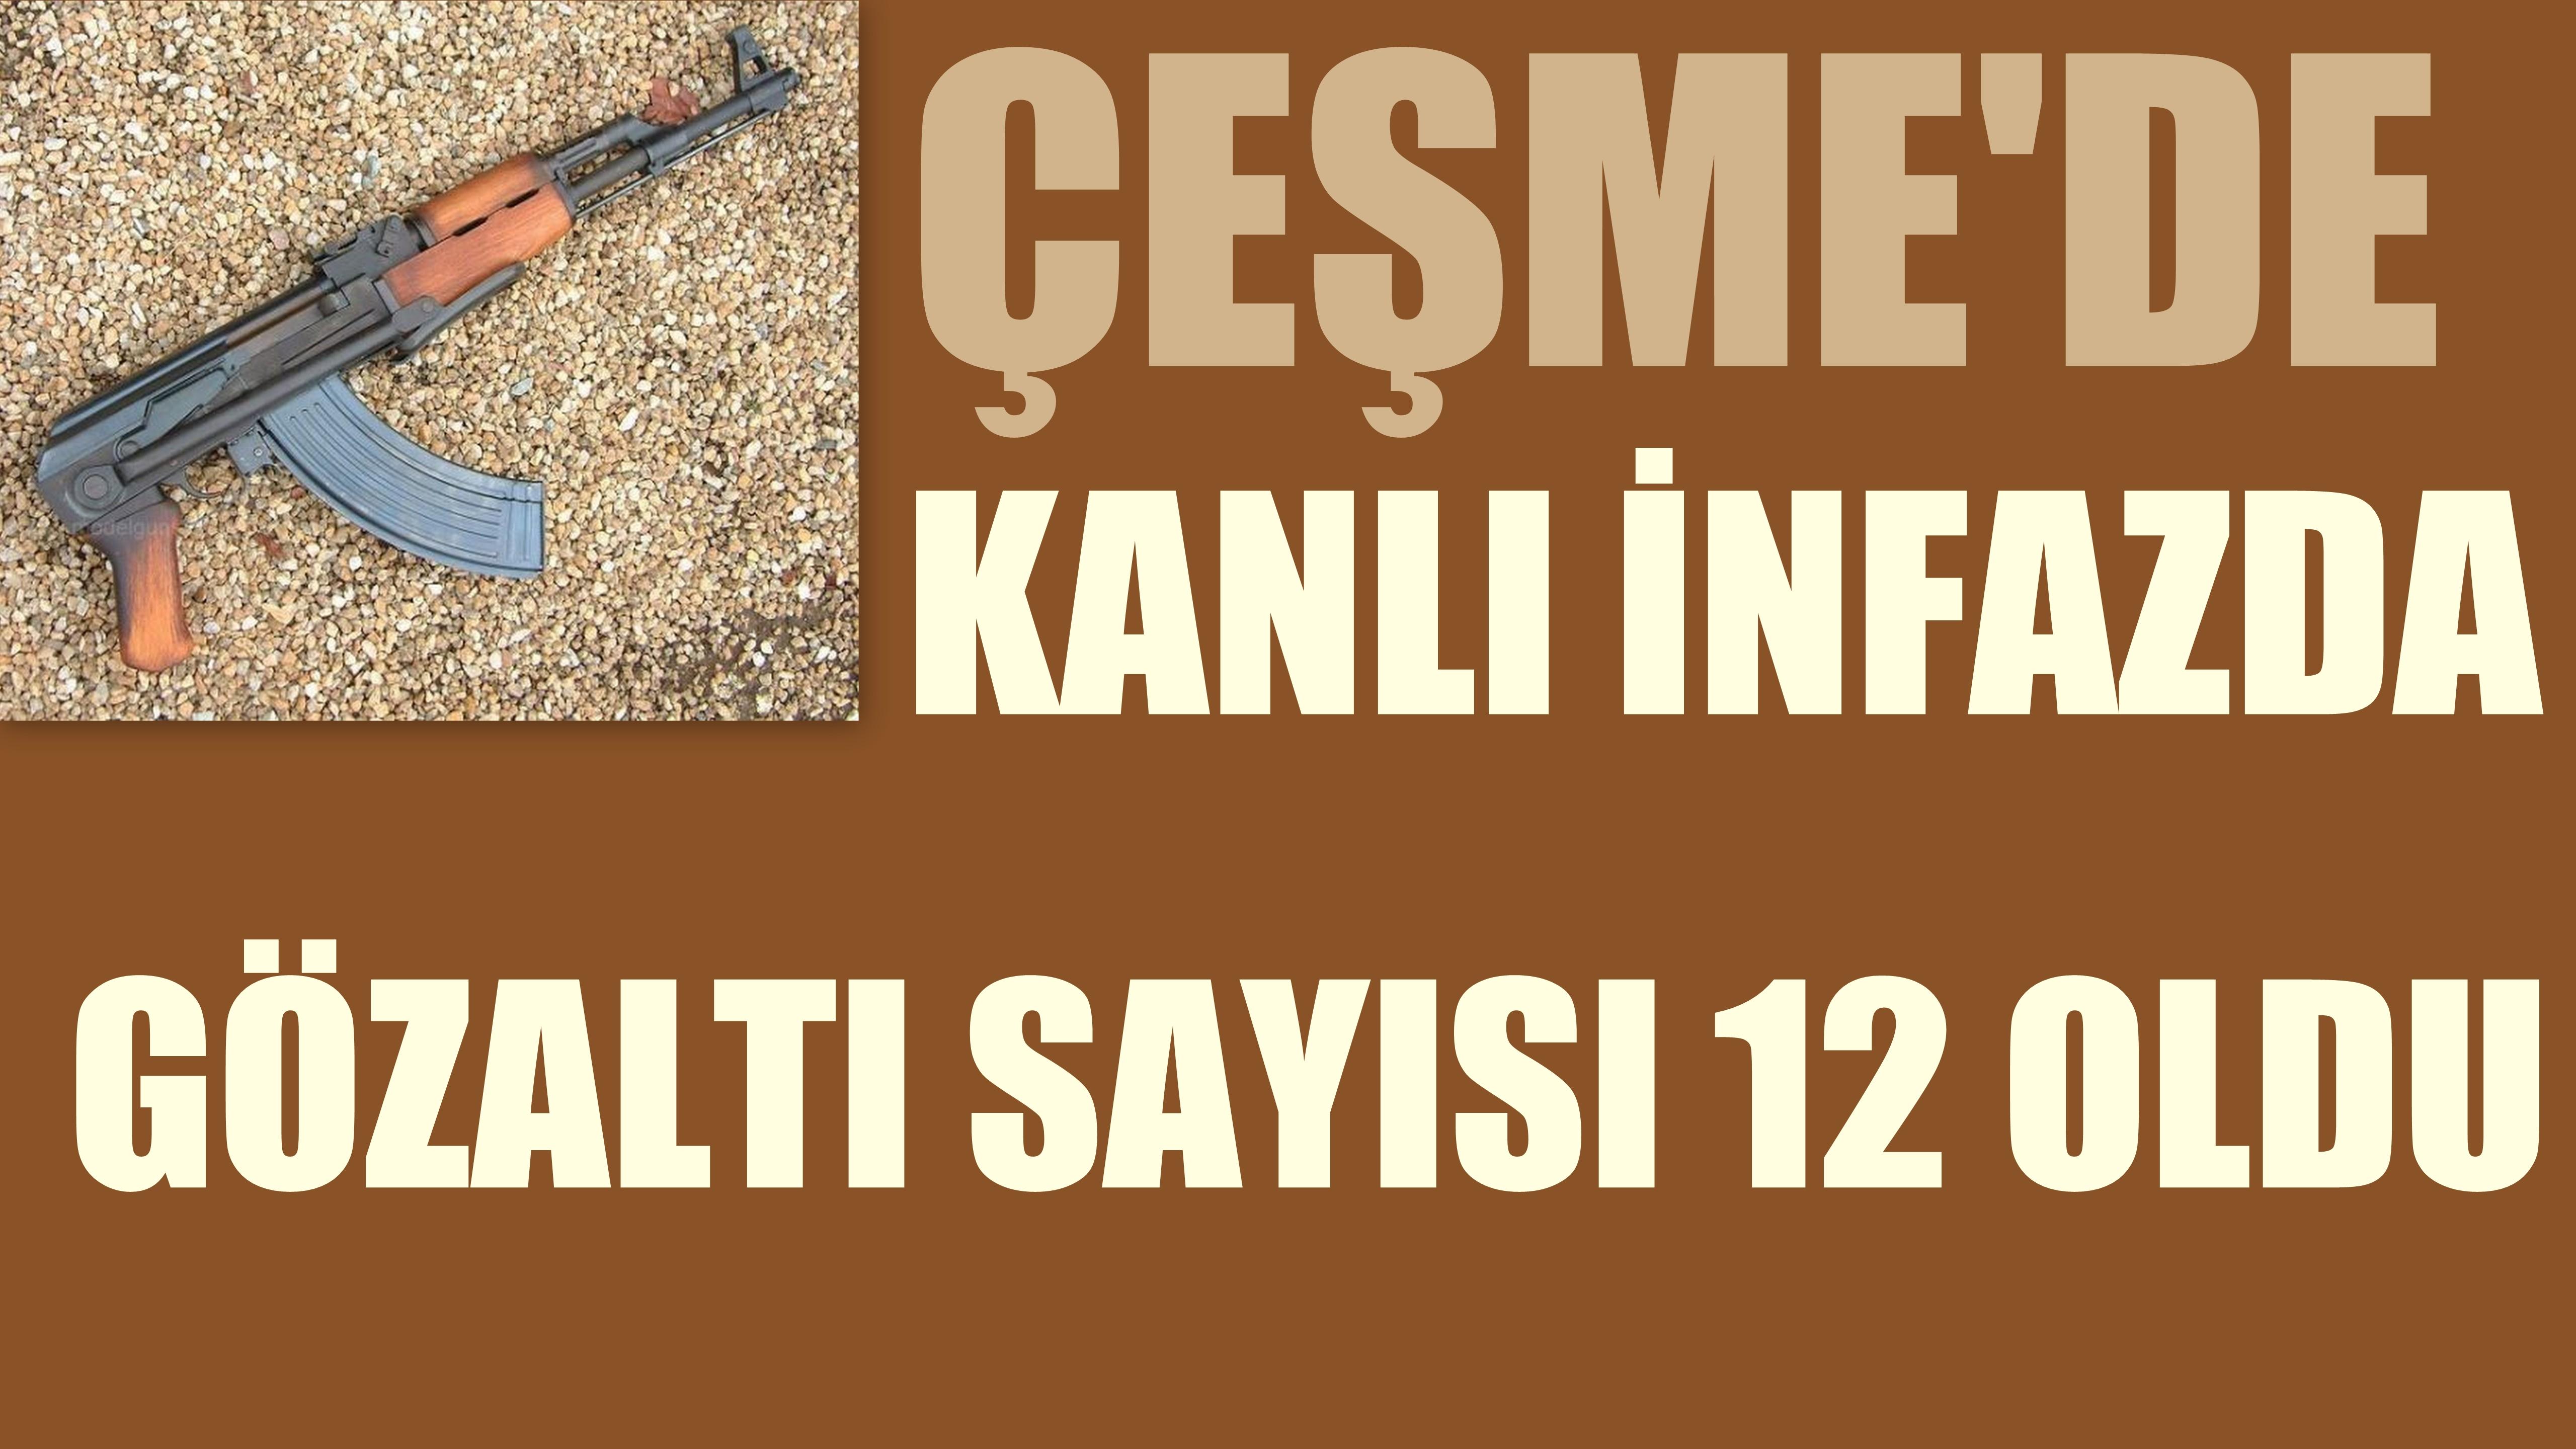 İzmir'deki Kanlı İnfazda Gözaltı Sayısı 12 Oldu